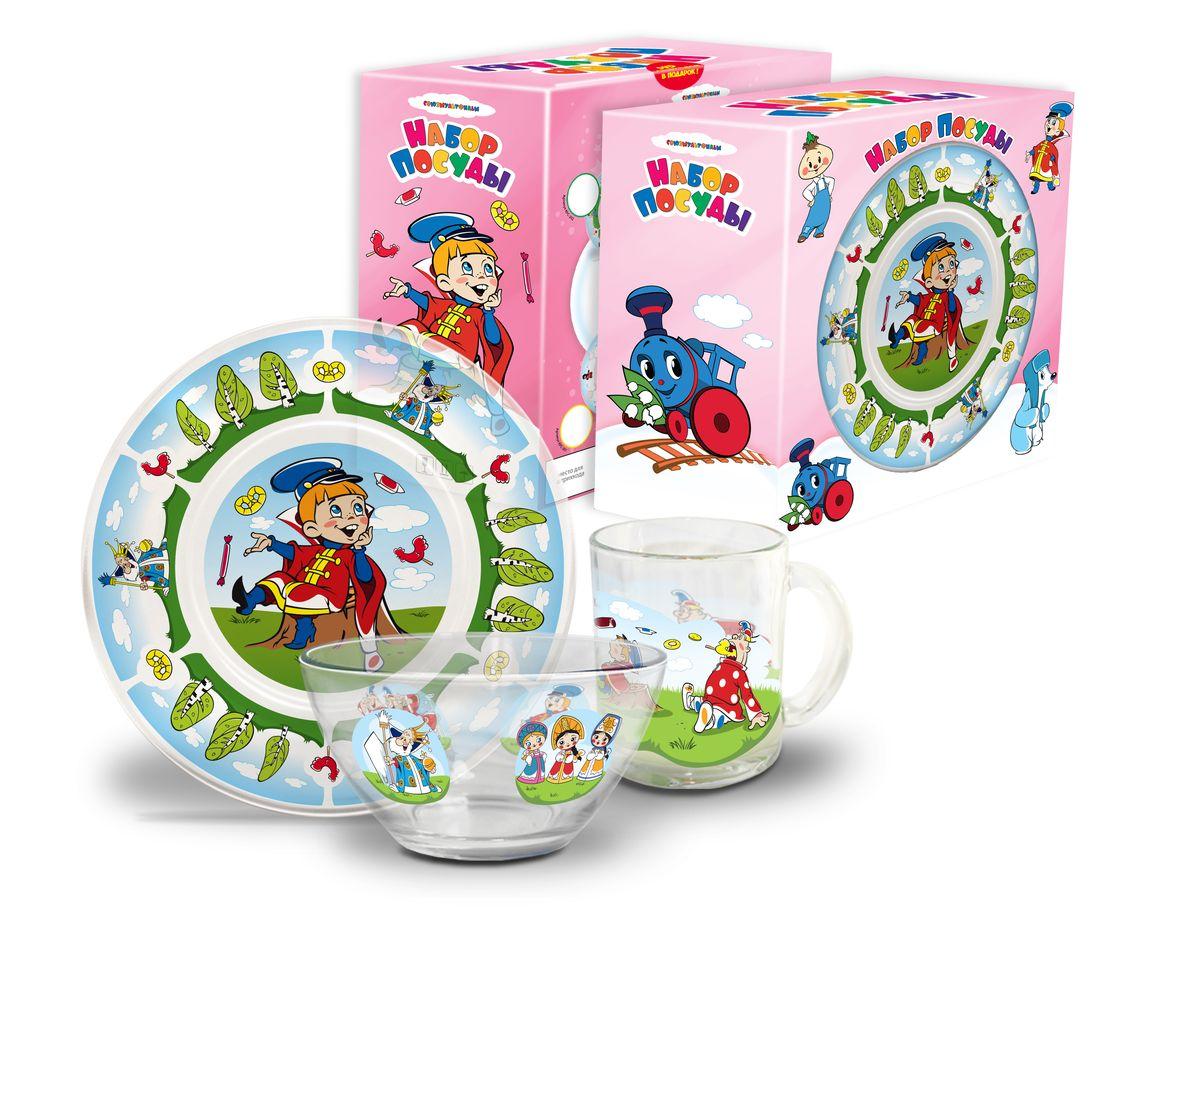 Набор посуды детский Вовка в тридевятом царстве (стекло), 3 предметаКРС-300